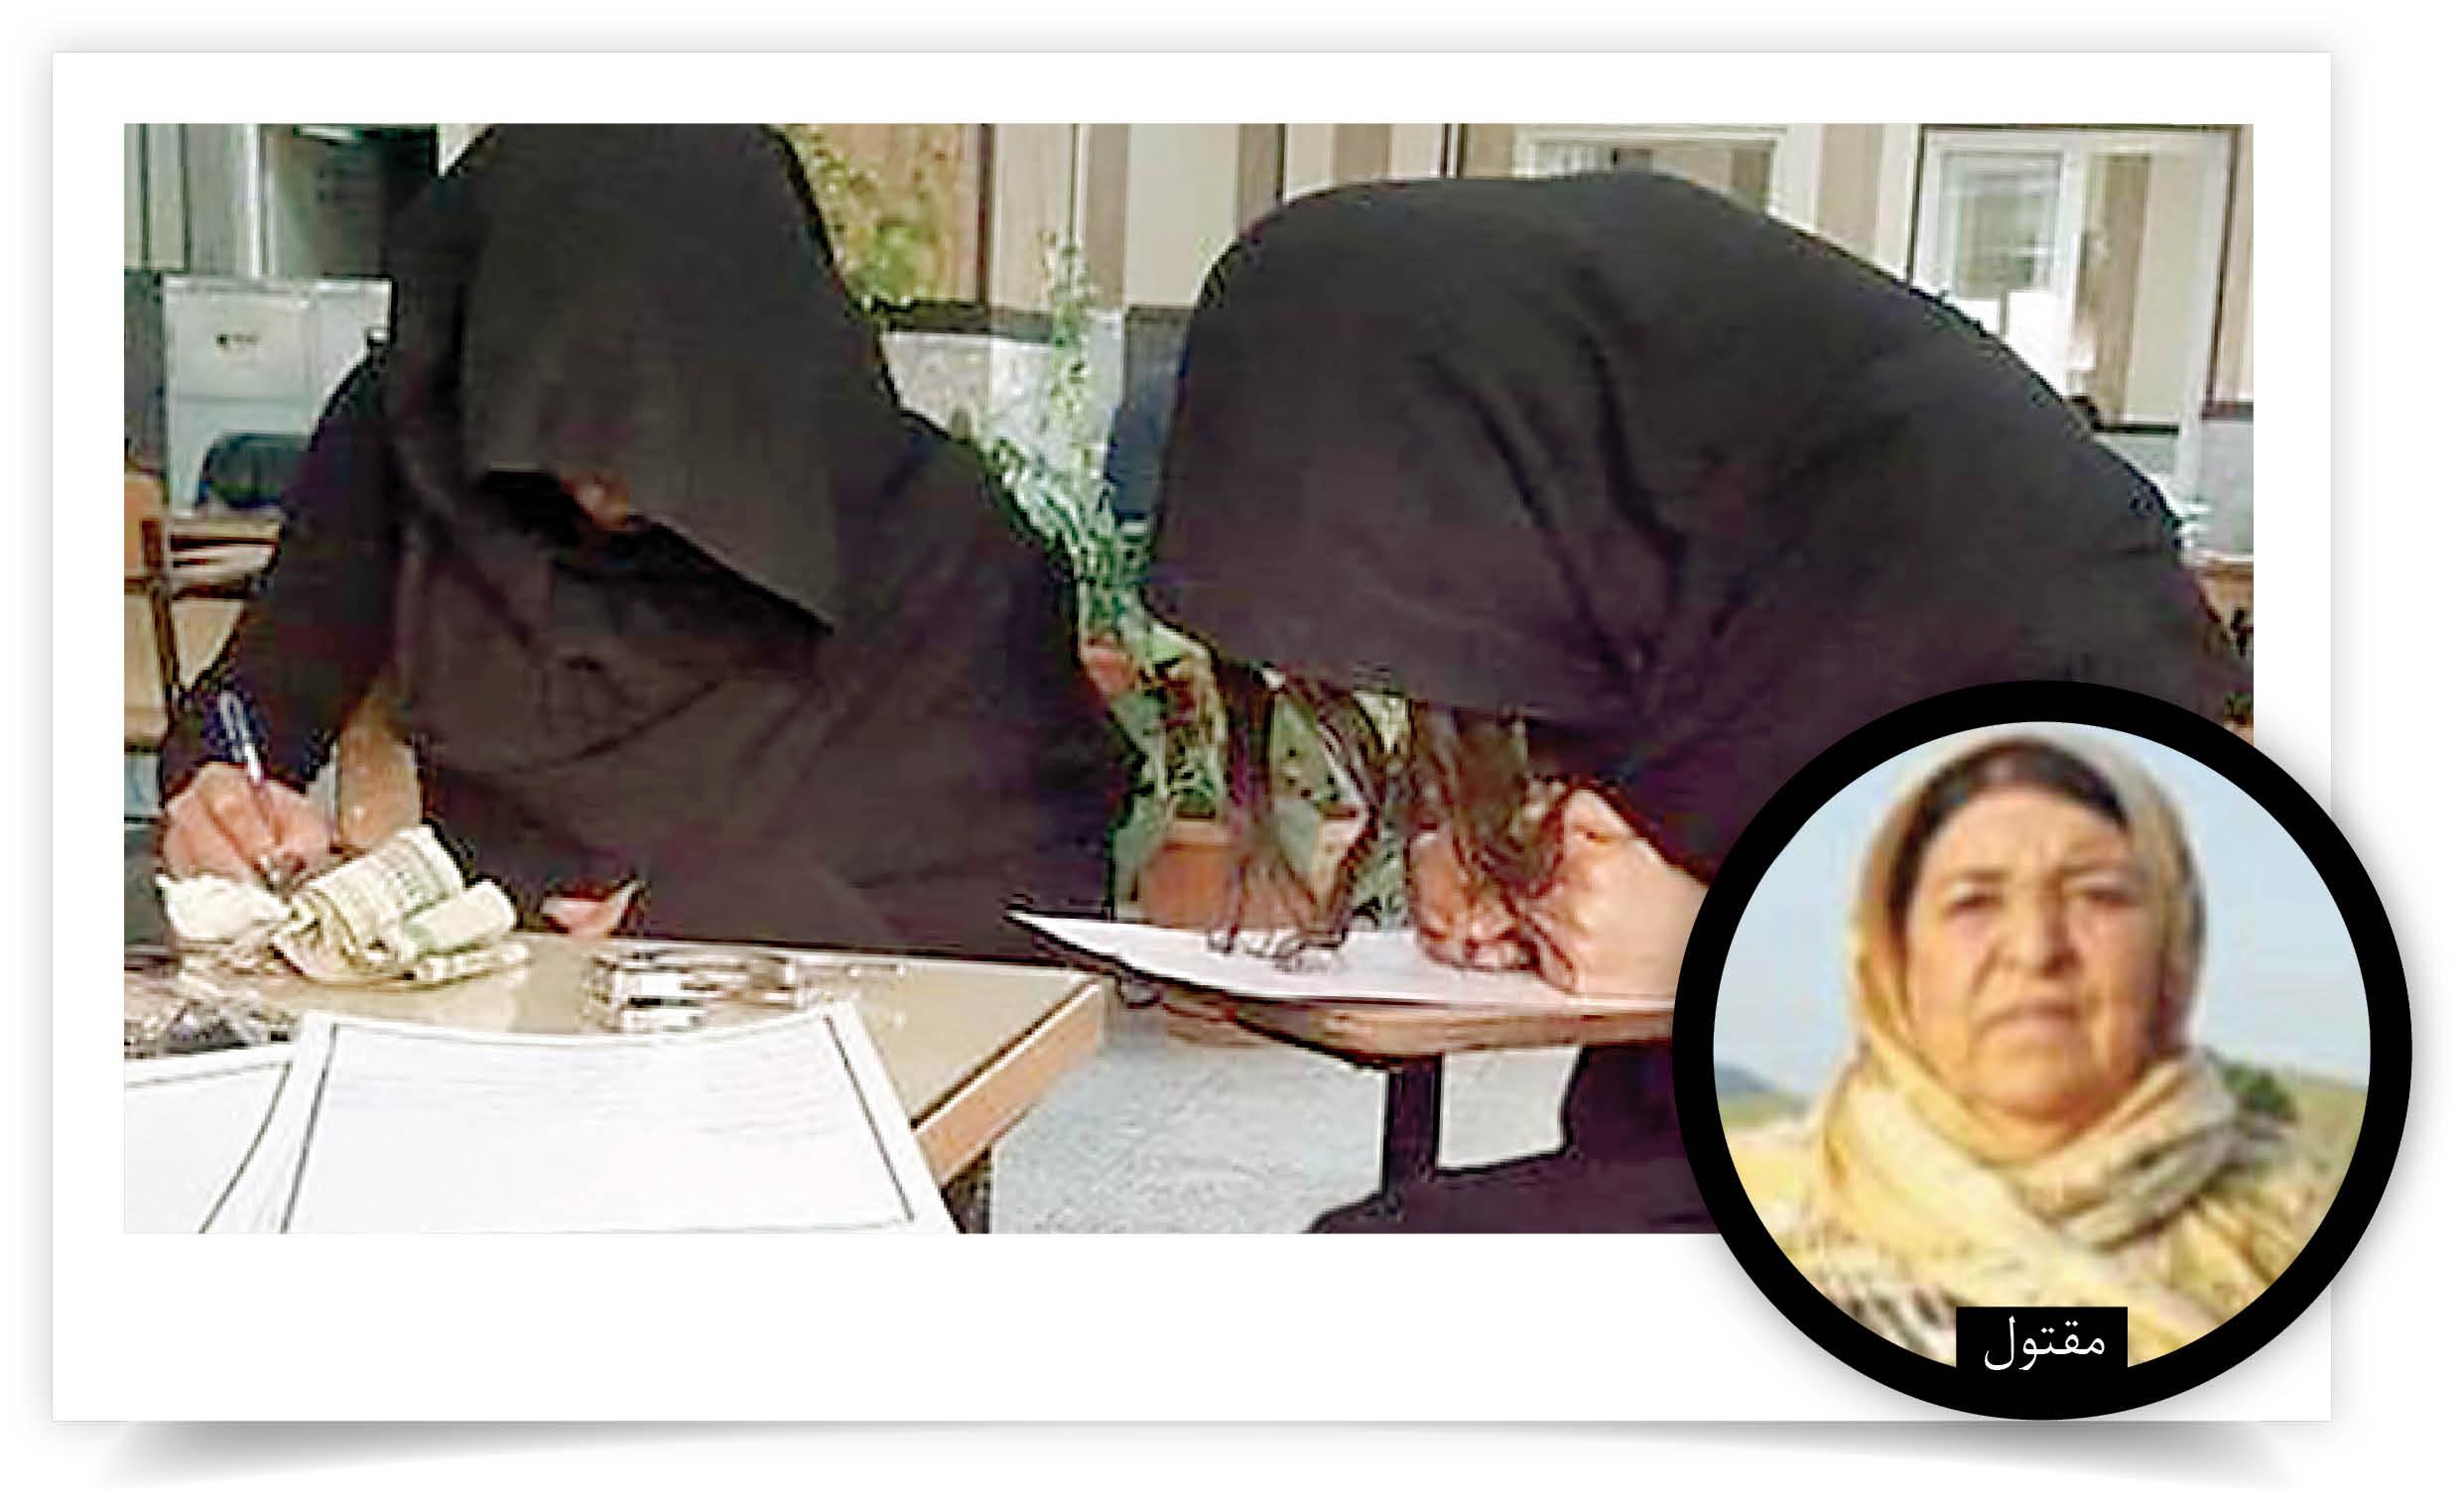 دستگیری قاتلان زن خیر در شهرستان سقز